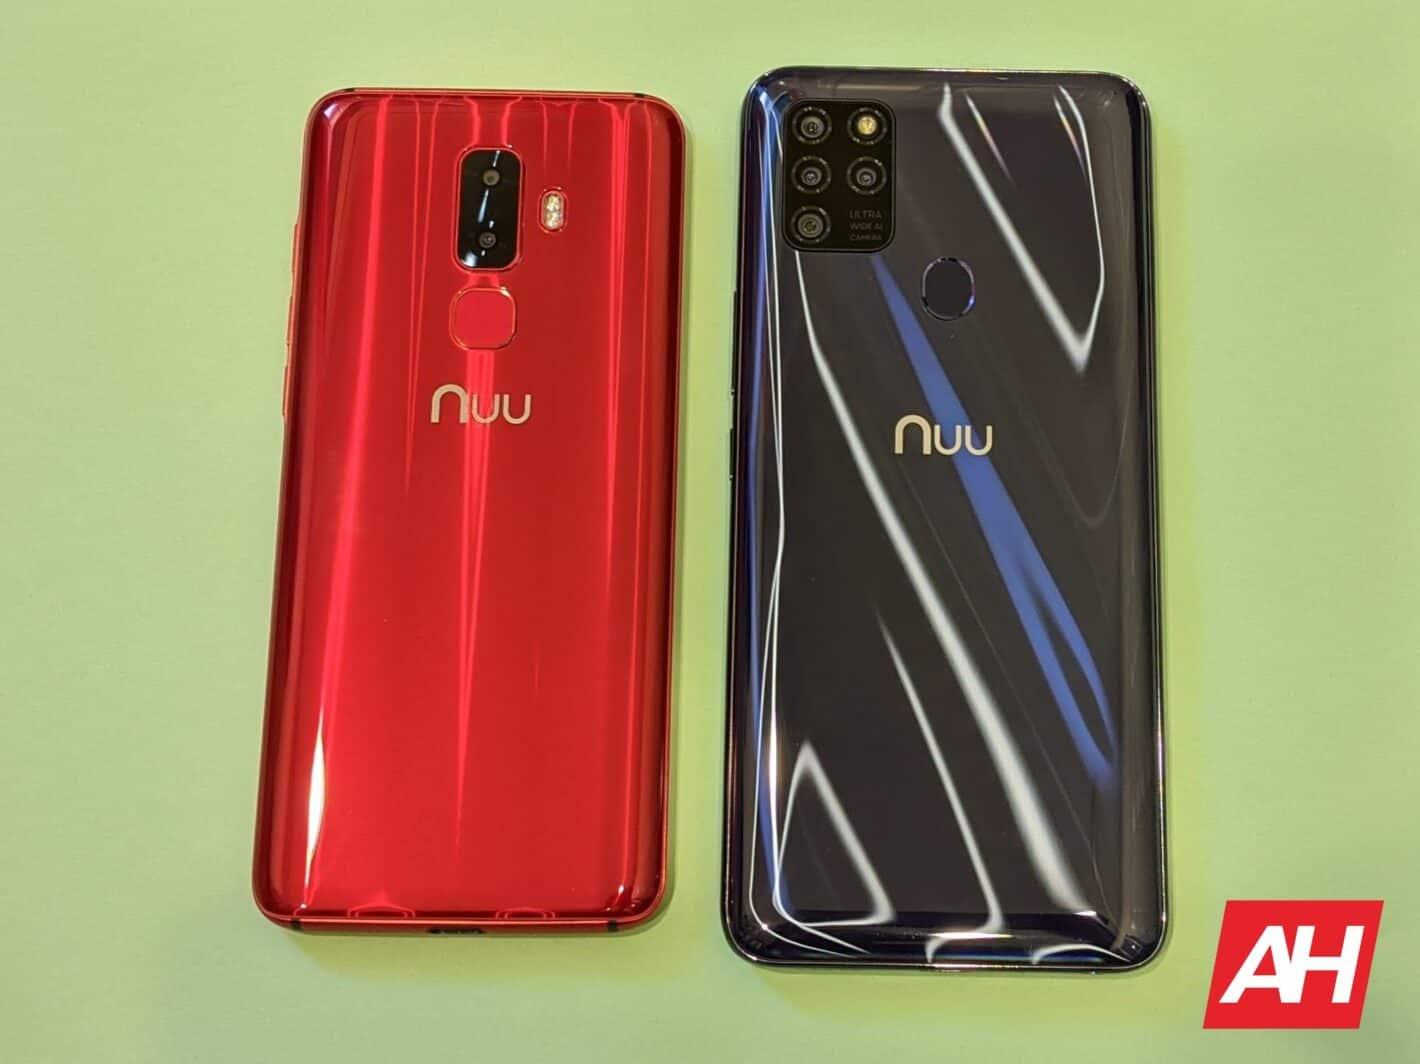 Nuu G5 AH HR Design1